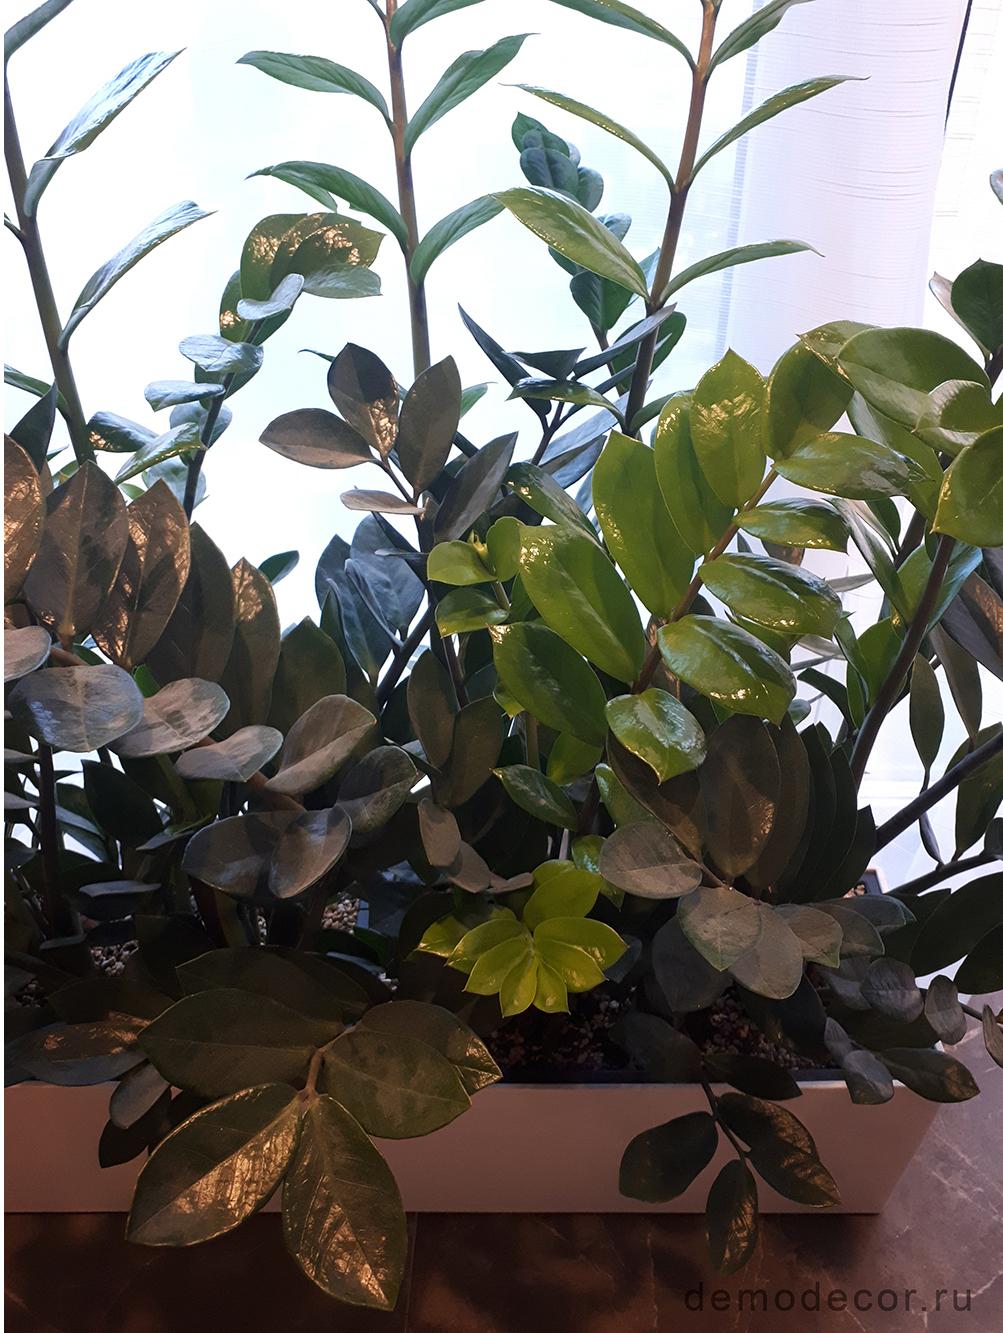 Замиокулькастеневыносливый (долларовое дерево)